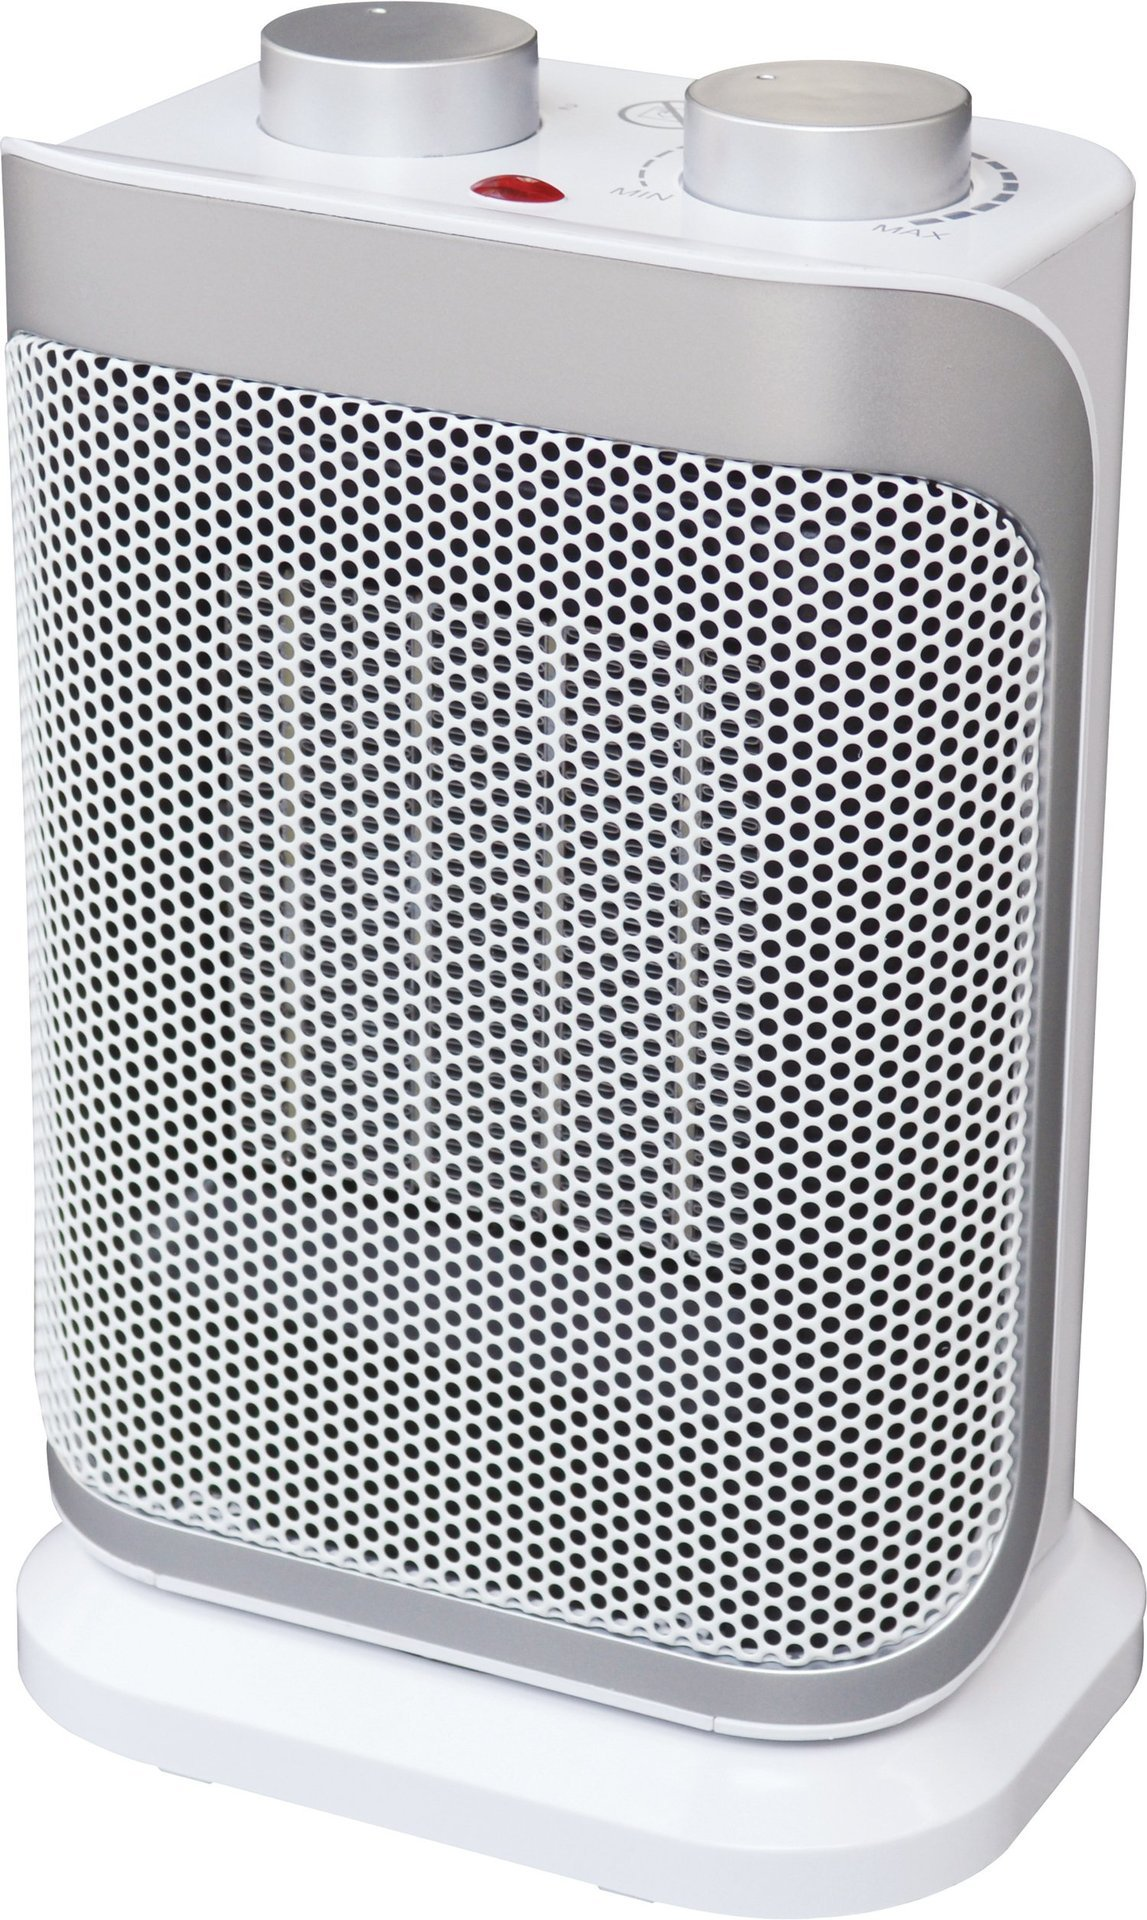 ARGO BOOGIE Termoventilatore Ceramico Elettrico Caldobagno Potenza 1500 Watt Oscillante con Termosta